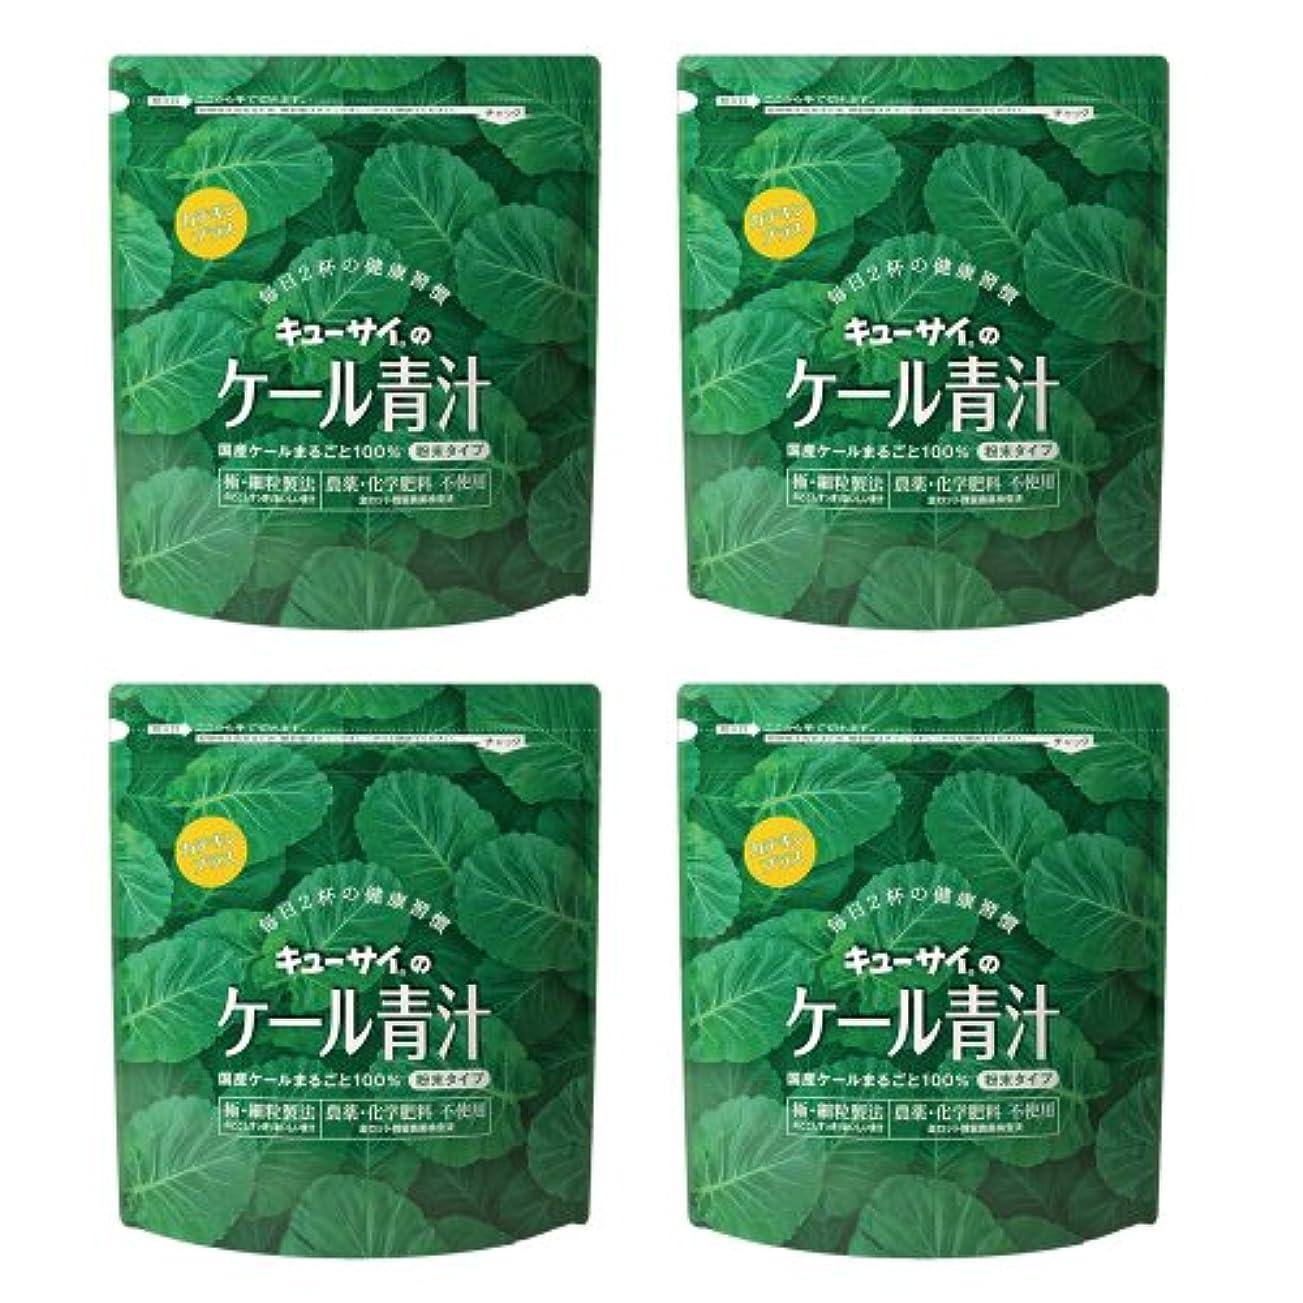 哀れなクレデンシャル比類なきキューサイ青汁カテキンプラス420g(粉末タイプ)4袋まとめ買い【1袋420g(約1カ月分)】